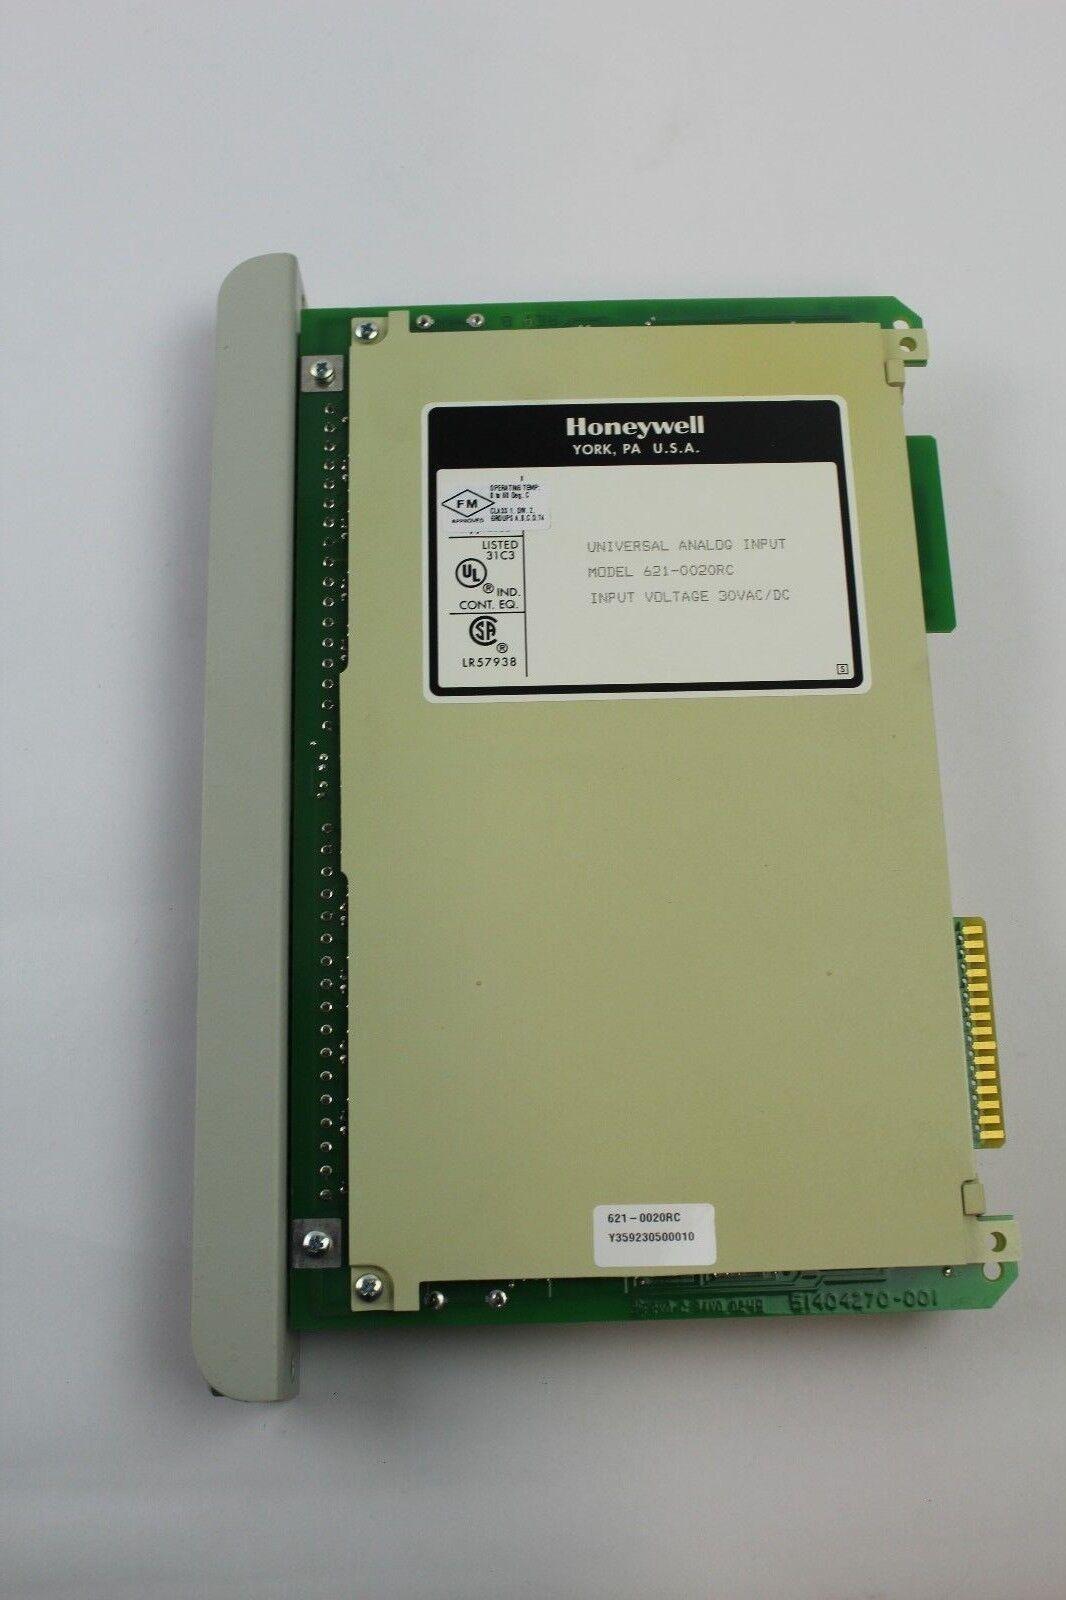 Honeywell 621-0020RC Universal Analog Input